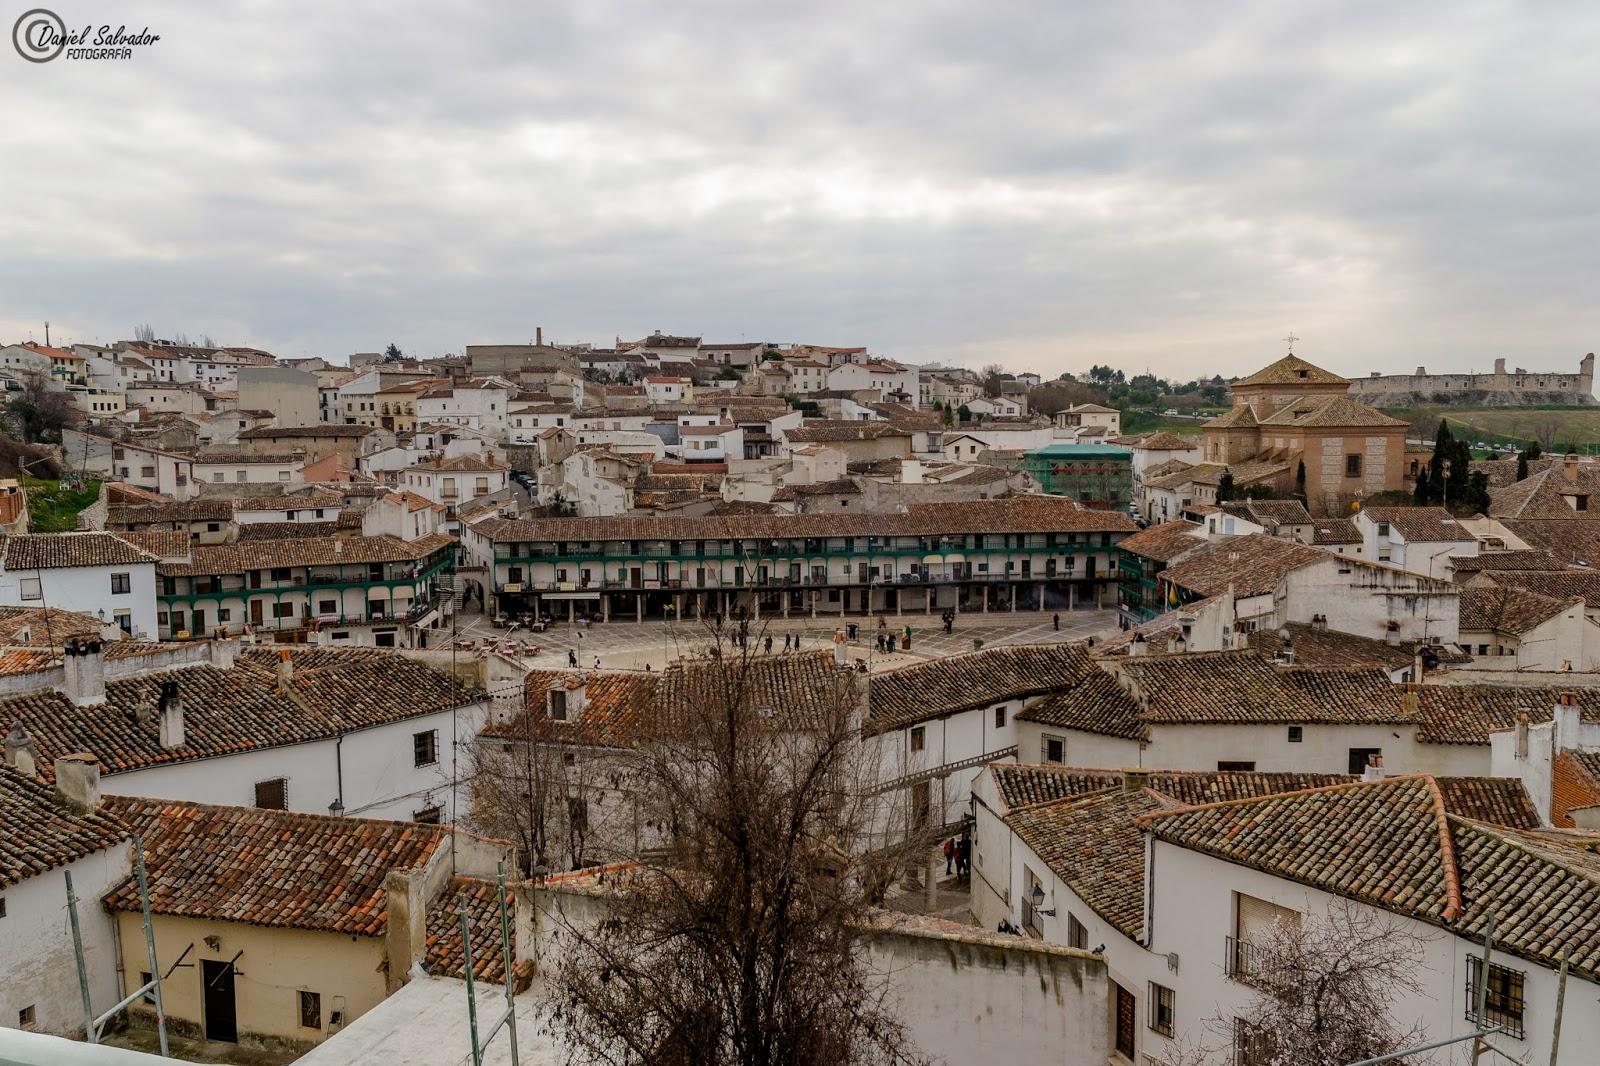 Vista de Chinchón desde la iglesia. Fotografía de Daniel Salvador